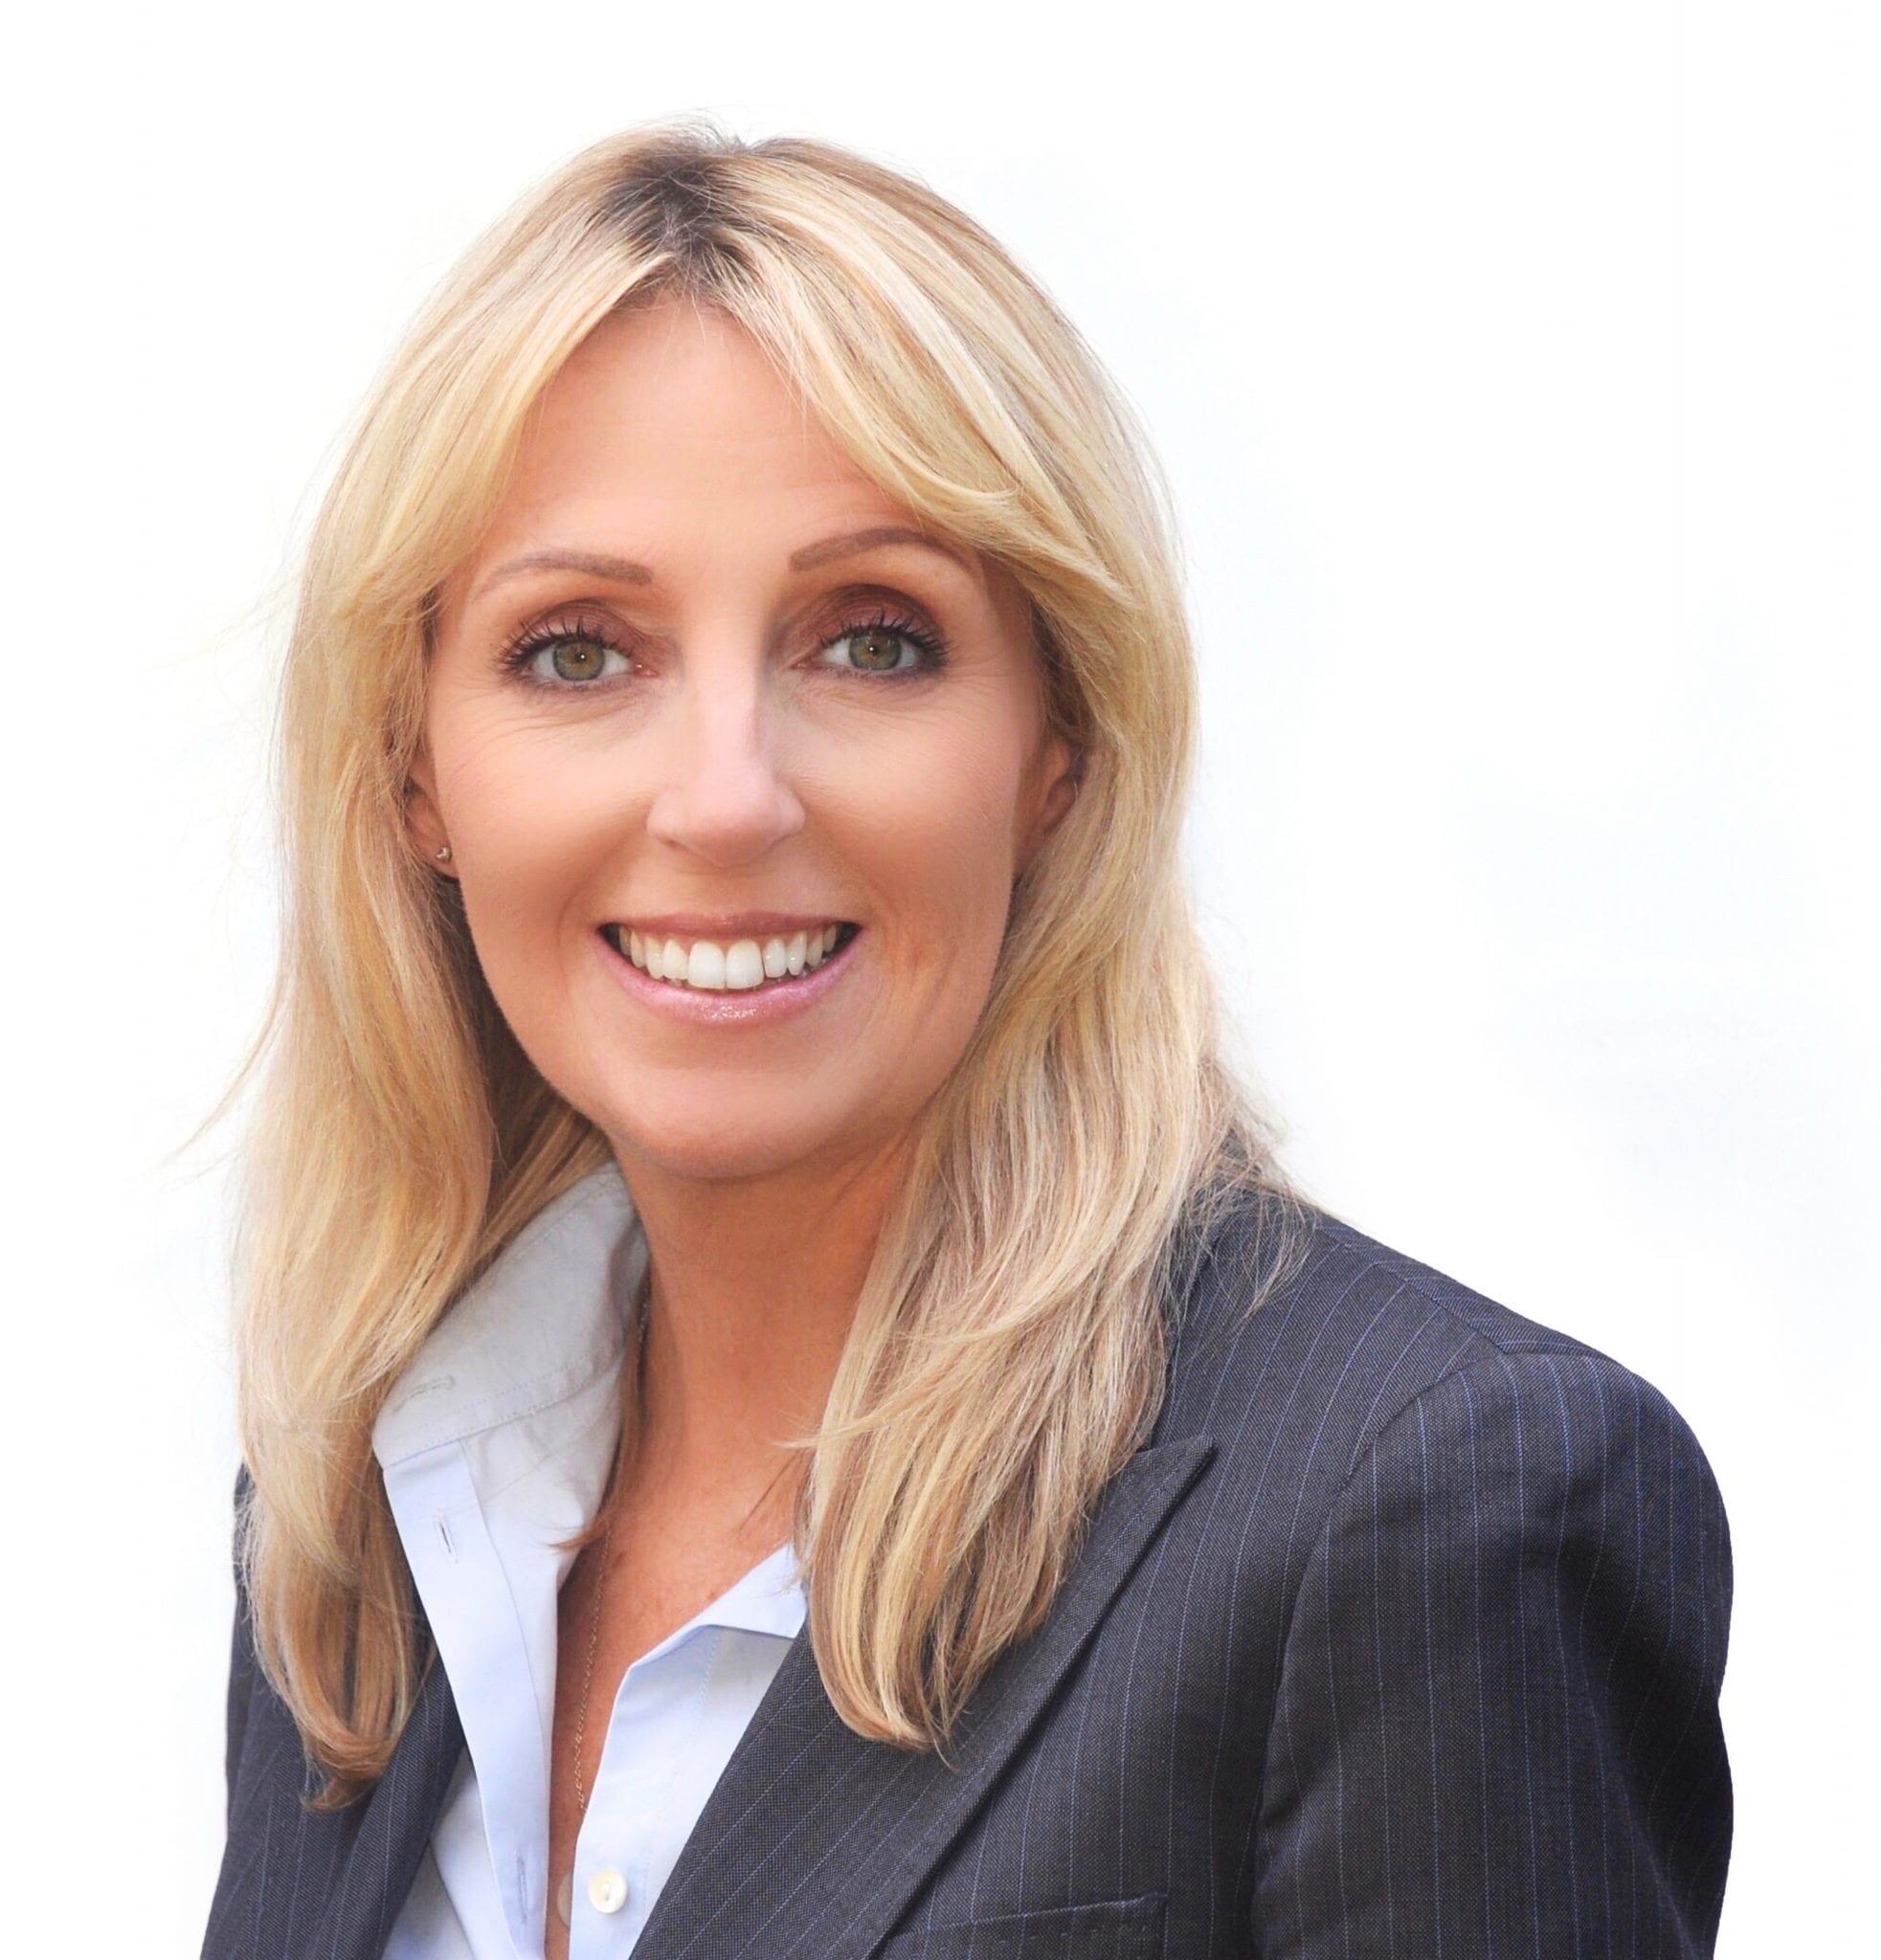 Gemma Farrelly